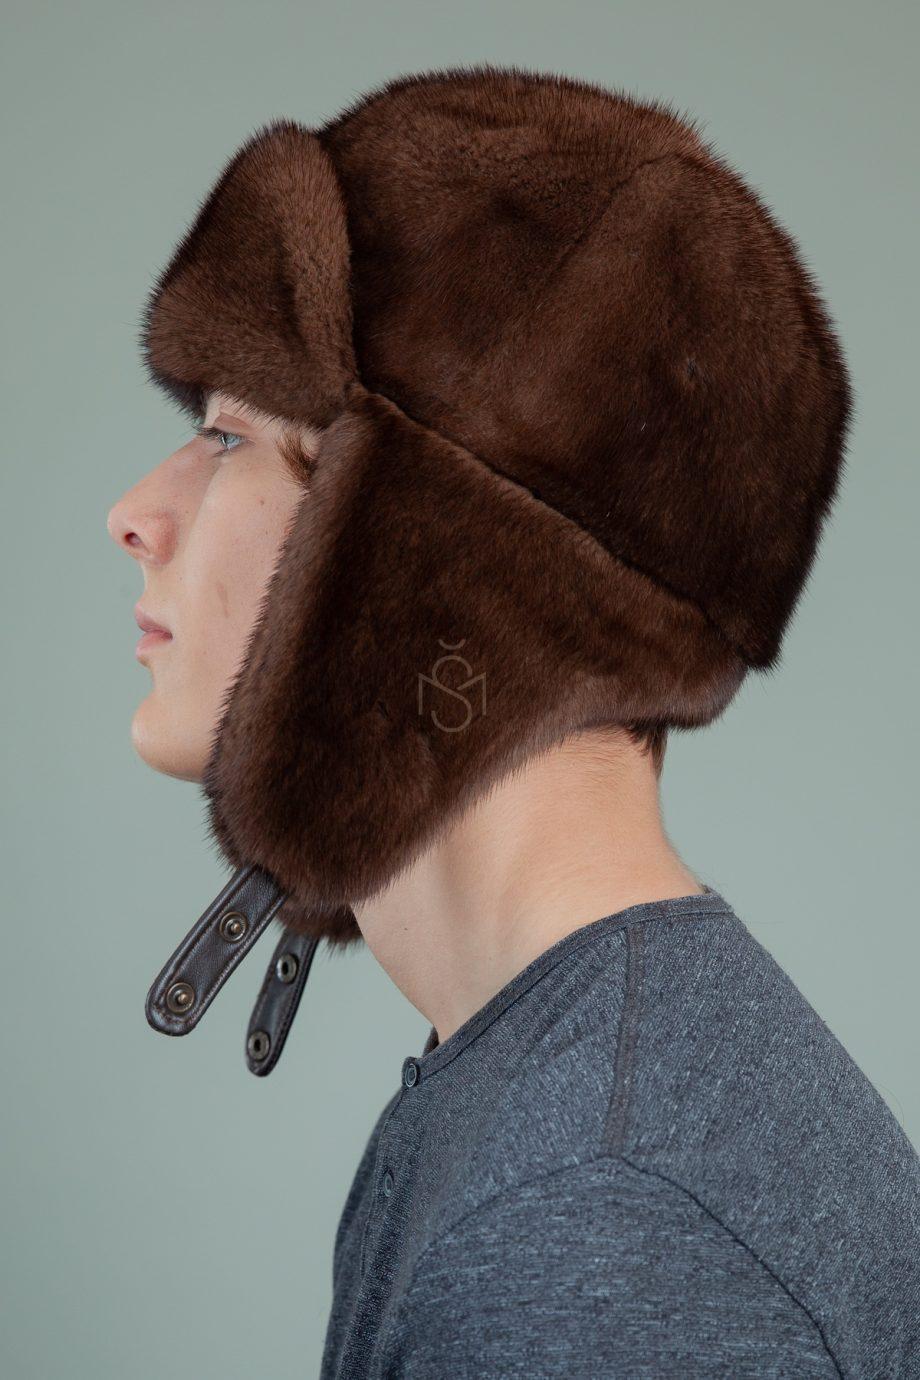 klasikine rudos audines kepure usanka su ausimis